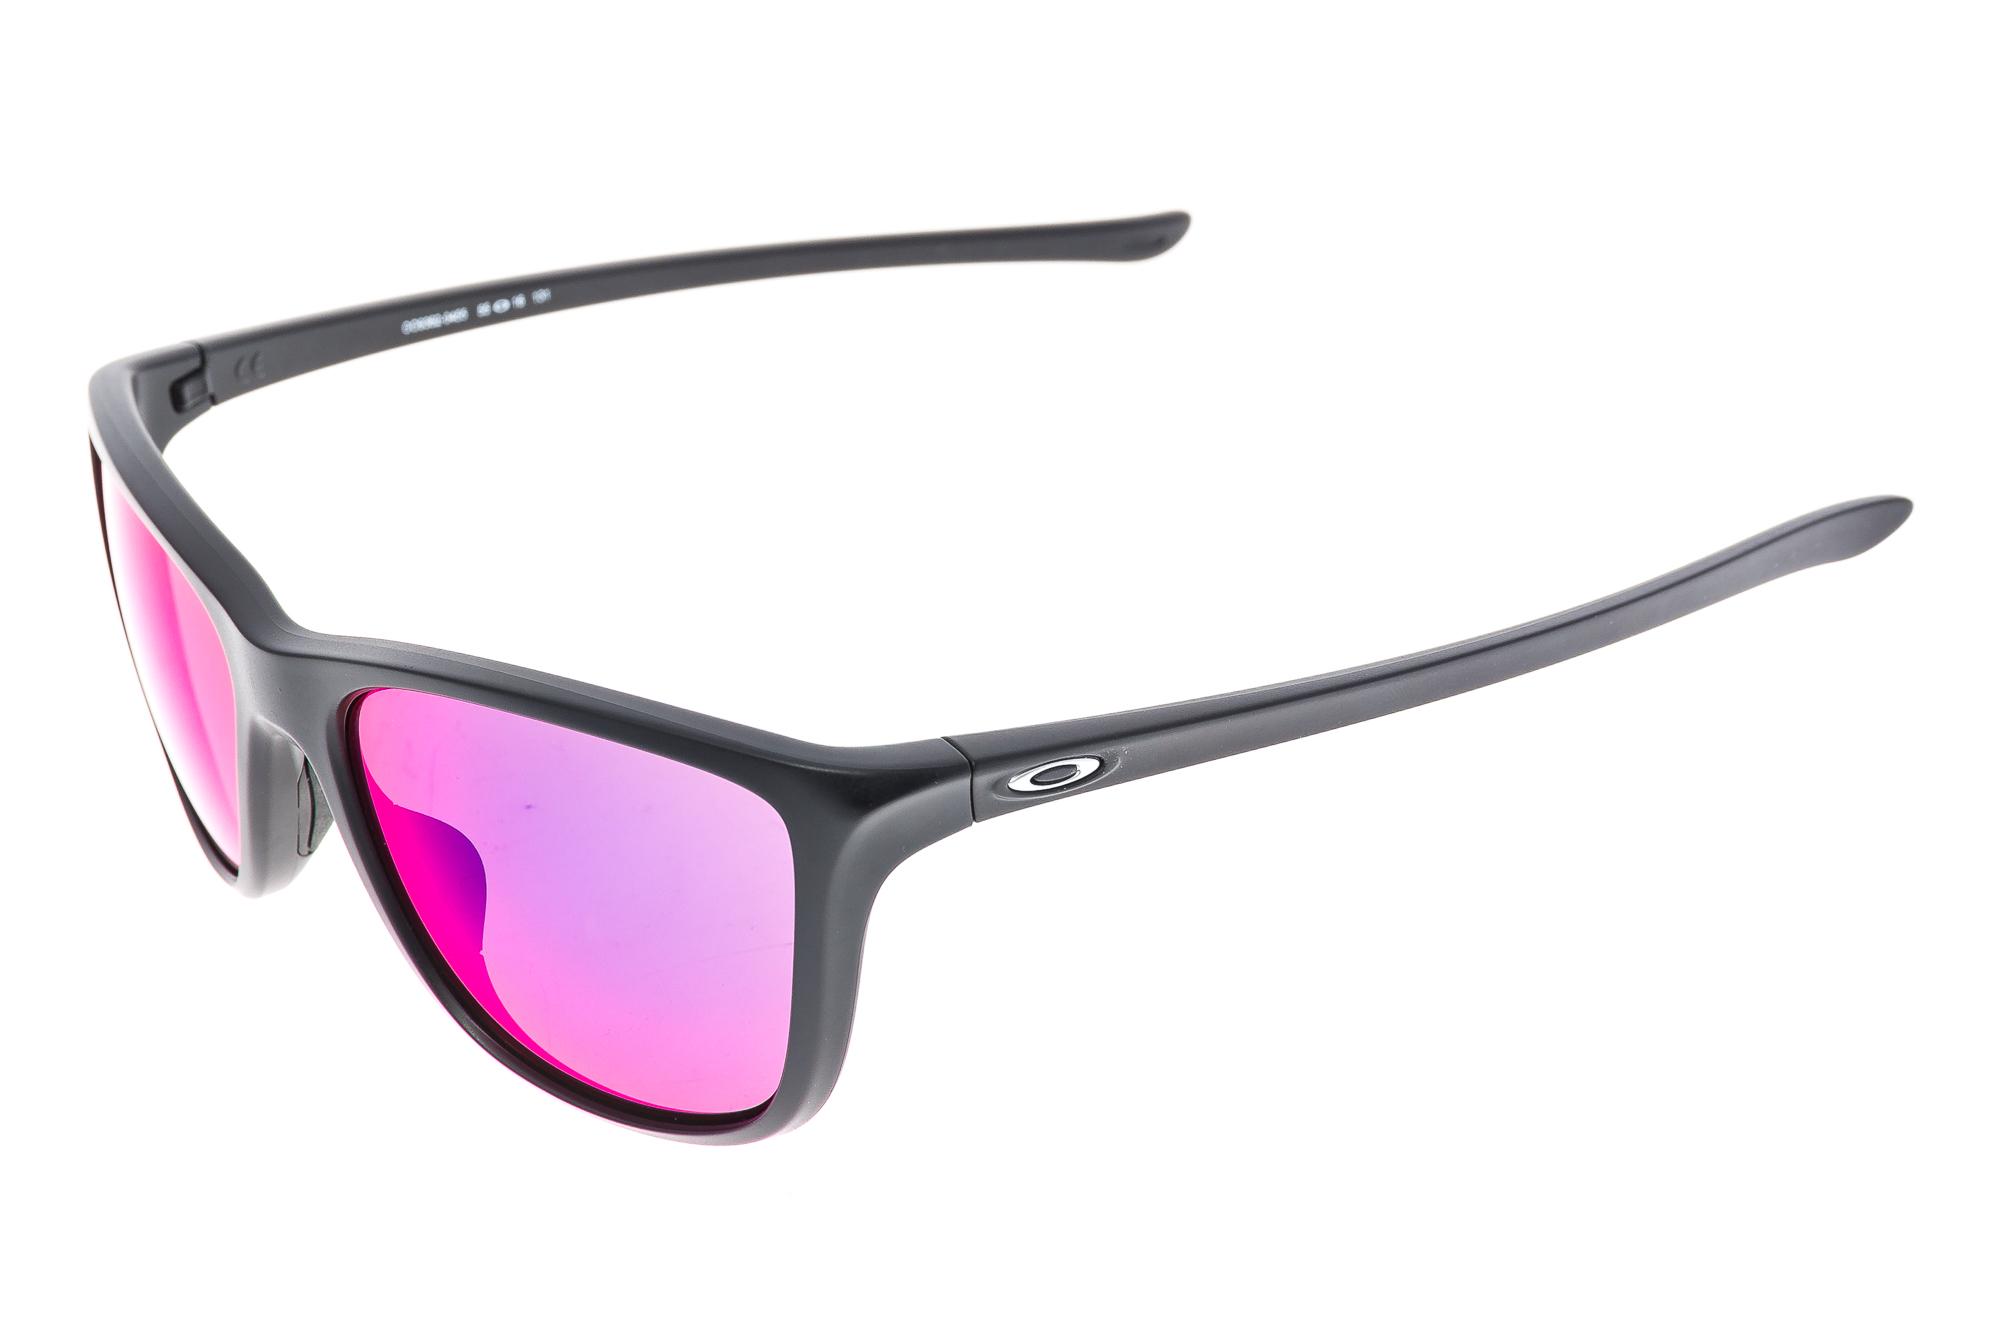 e35e1945da4 Oakley Reverie Womens Sunglasses Black Frame Prizm Lens - Excellent ...